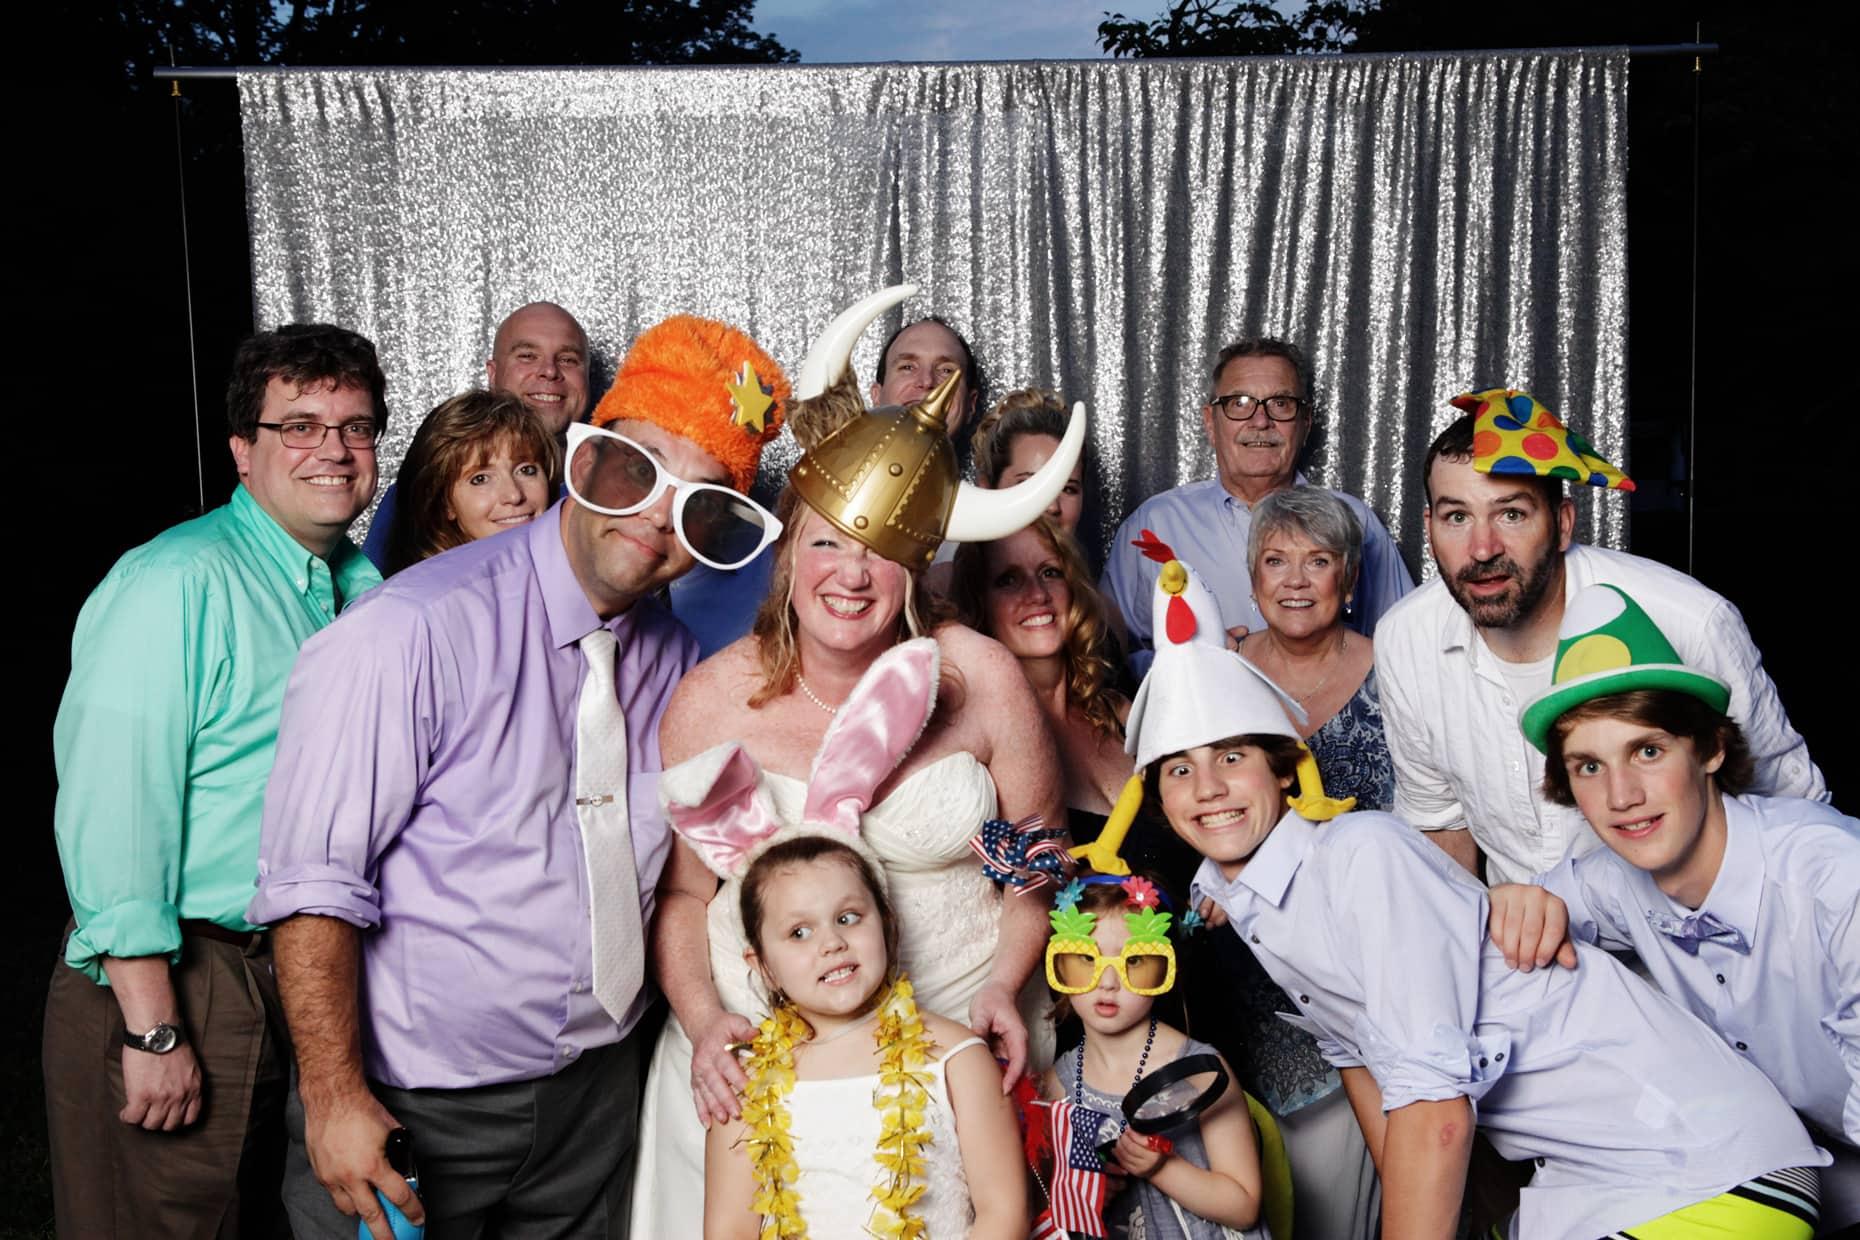 Wedding Photo Booth Philadelphia